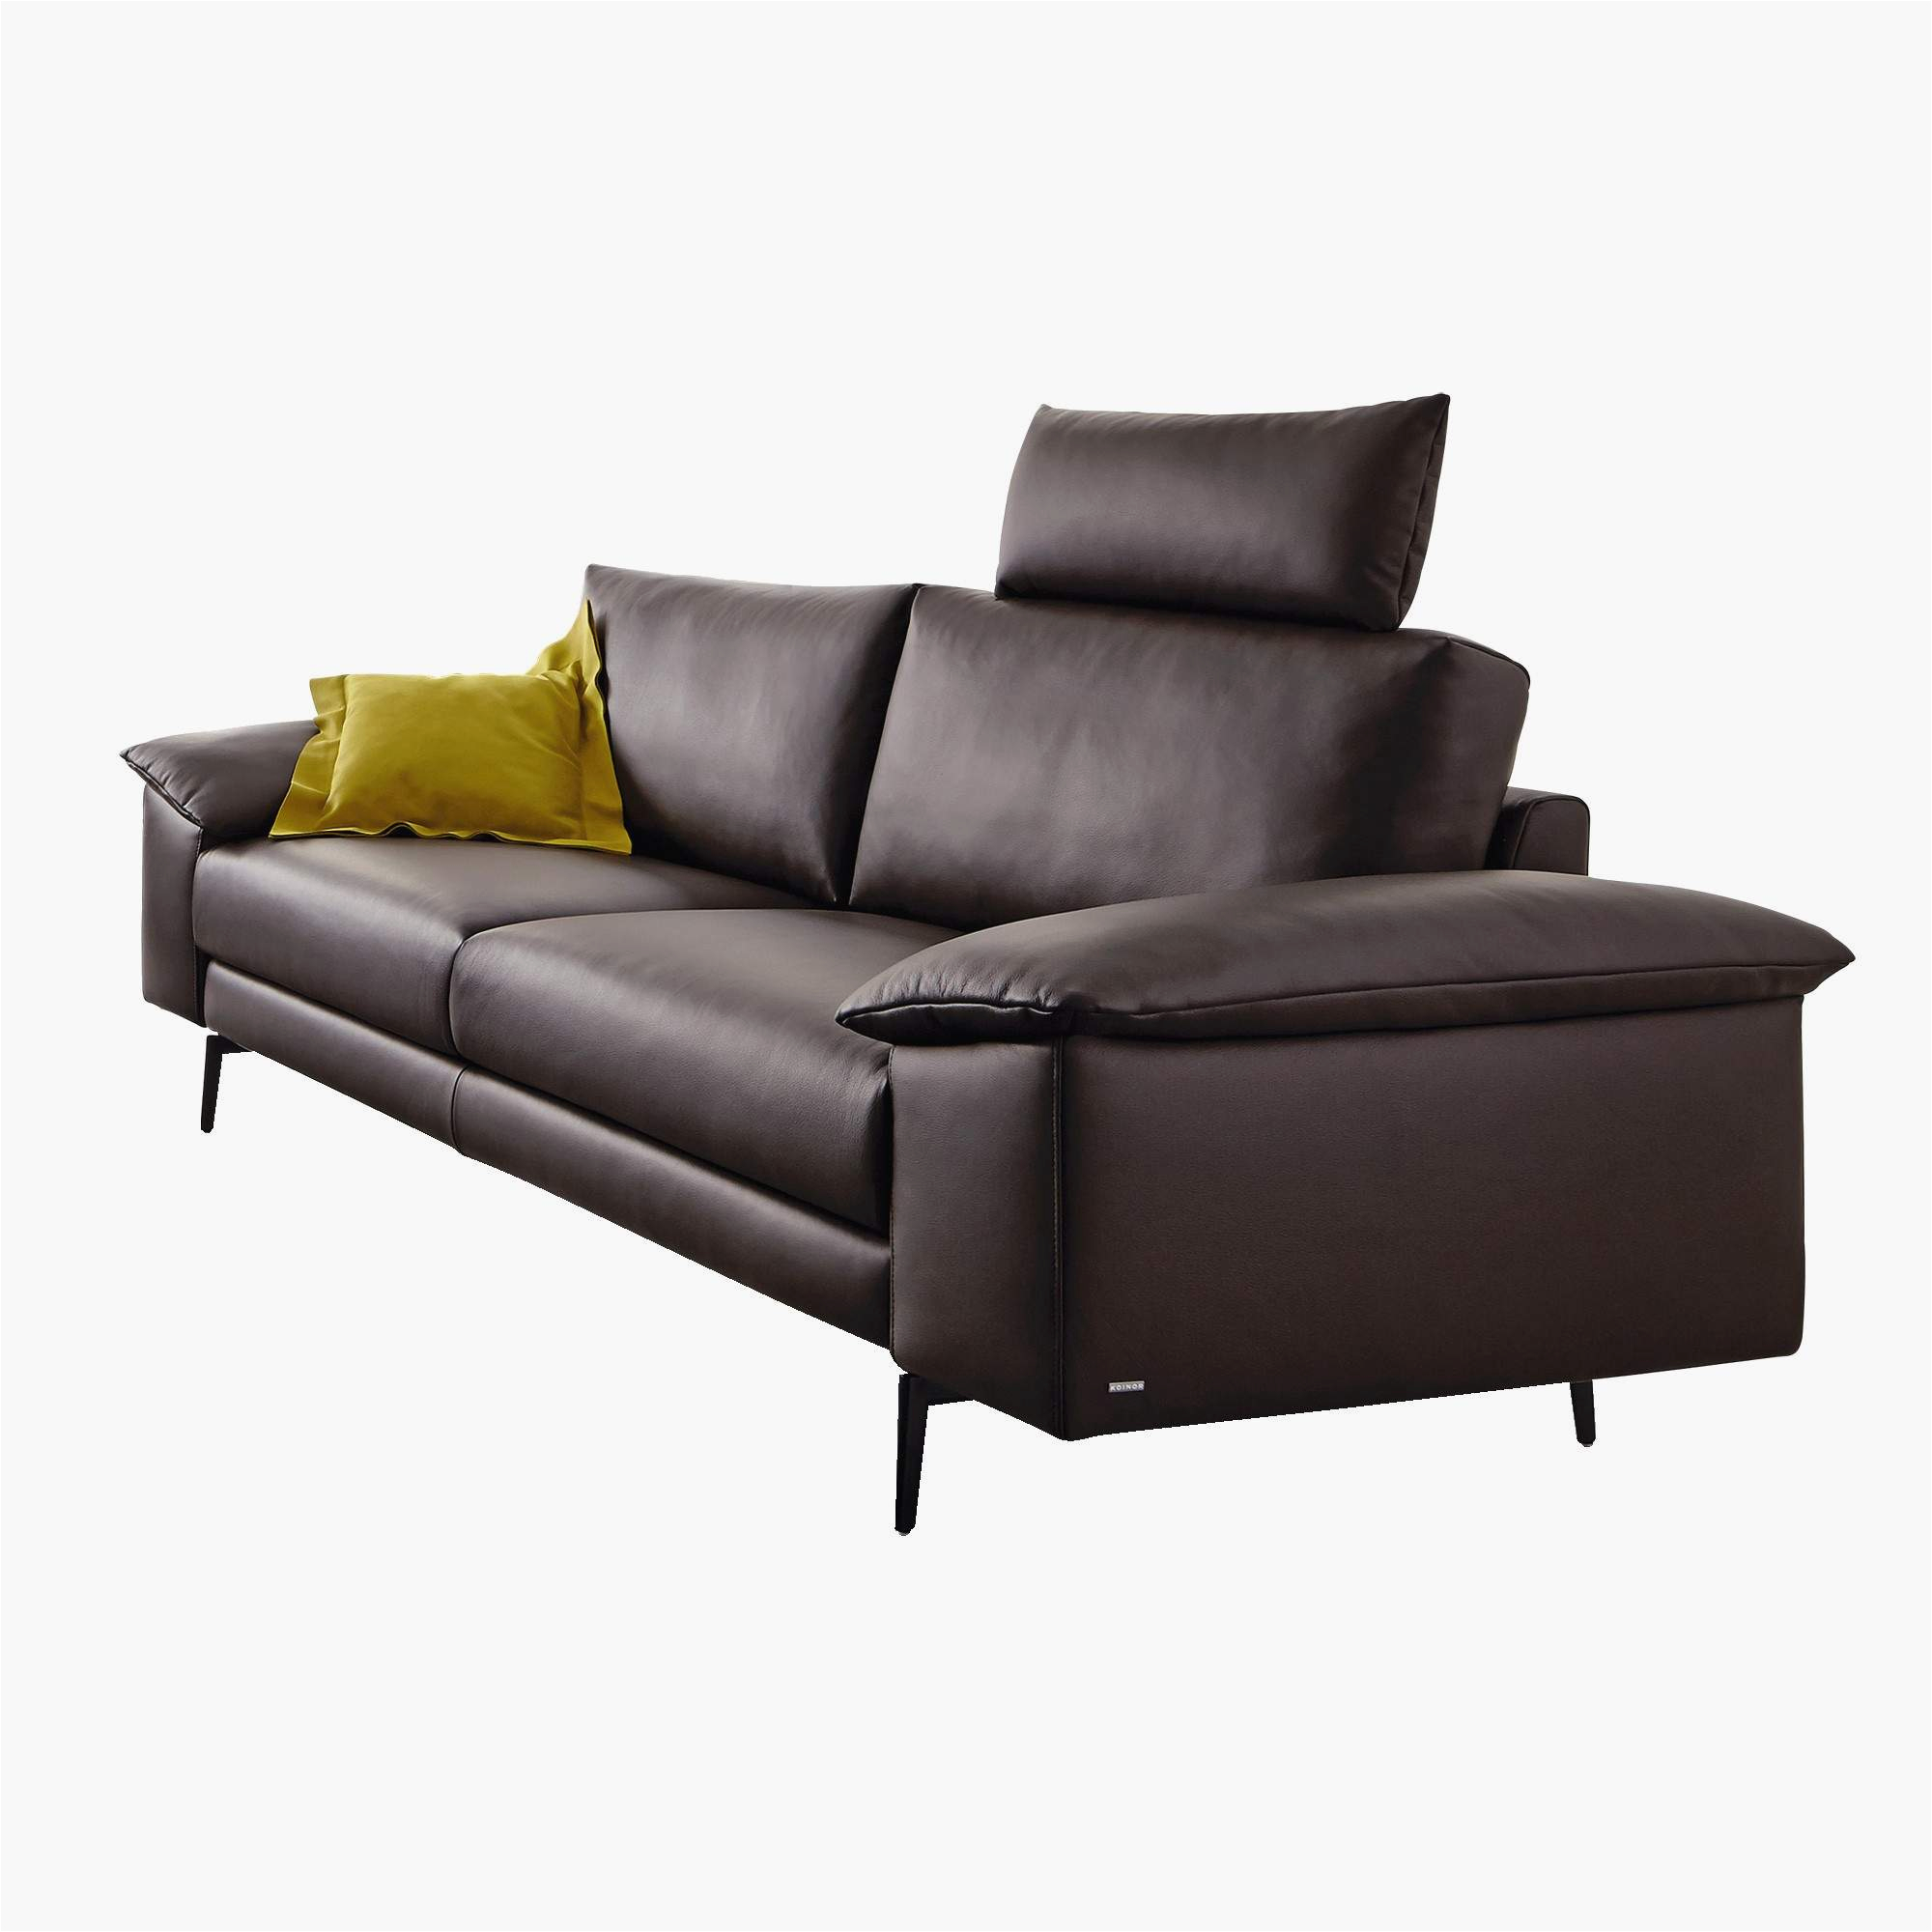 wohnzimmer sofas genial wohnzimmer sofas ideen sie mussen sehen of wohnzimmer sofas